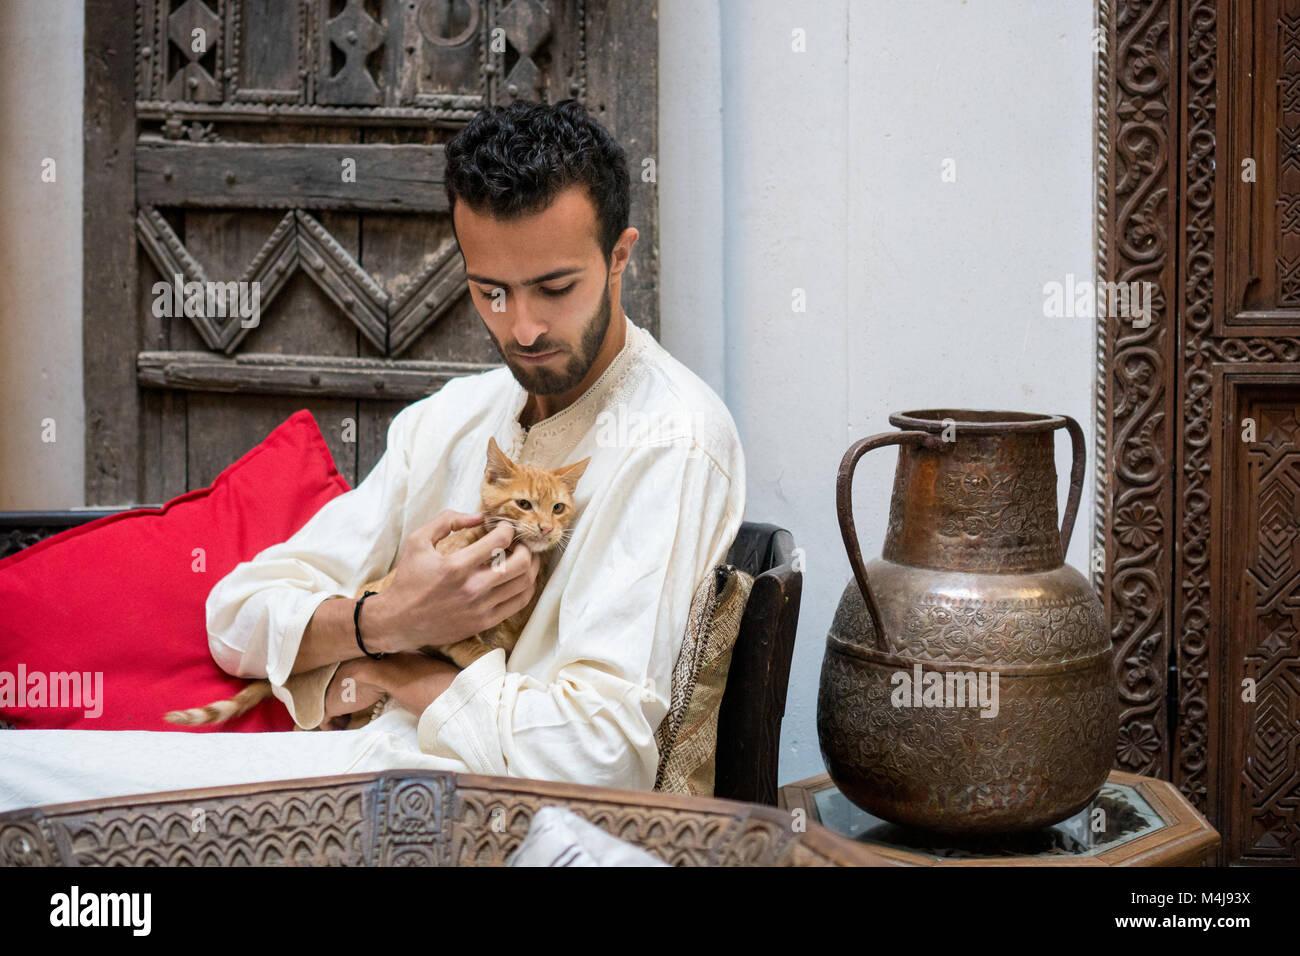 Joven musulmلn en vestimentas tradicionales sosteniendo un gato amarillo delante de un muro decorado Foto de stock